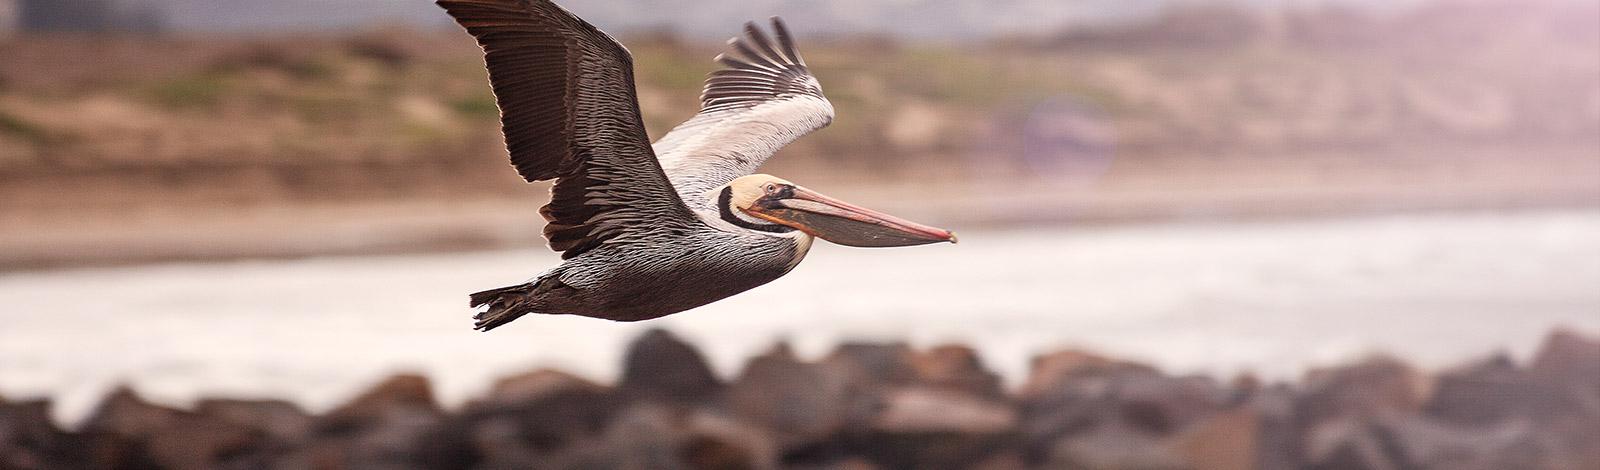 Pelican160